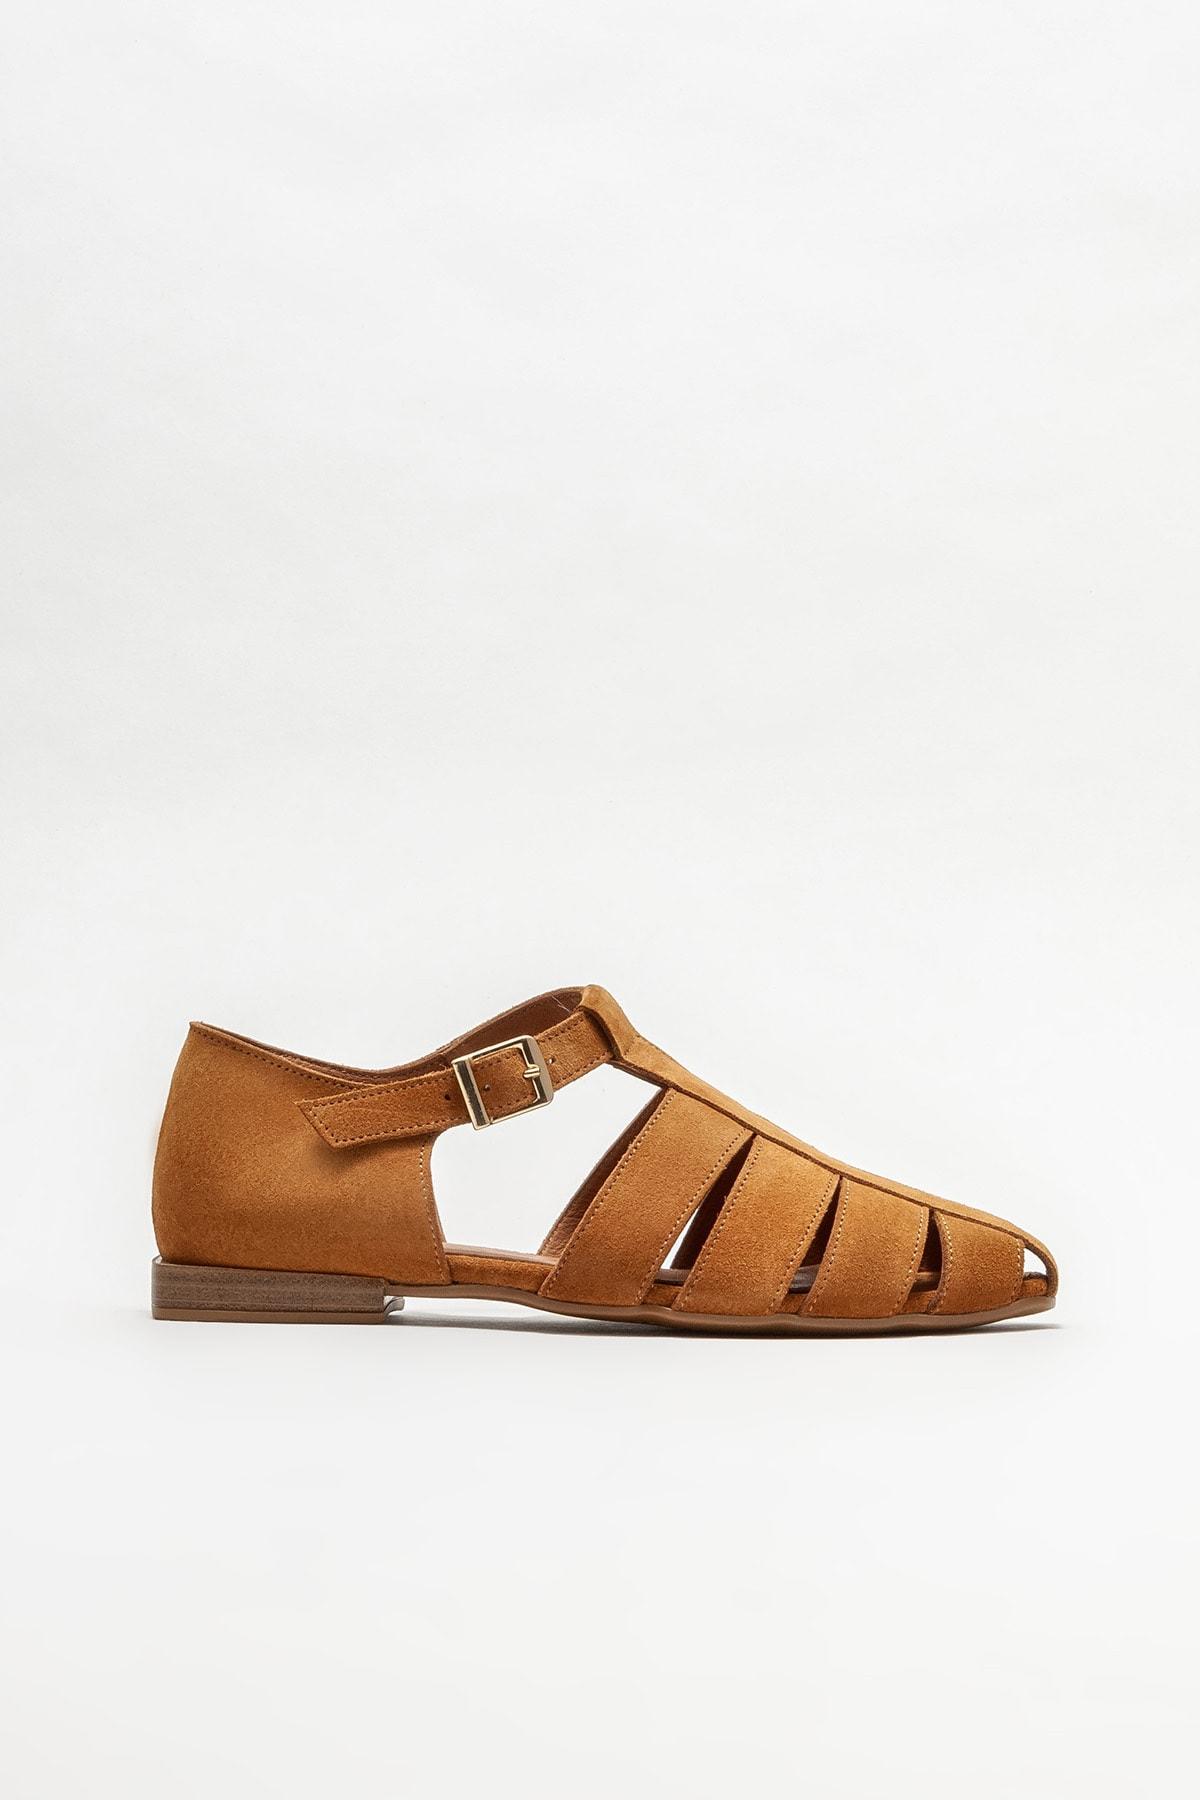 Kadın Taba Deri Düz Ayakkabı